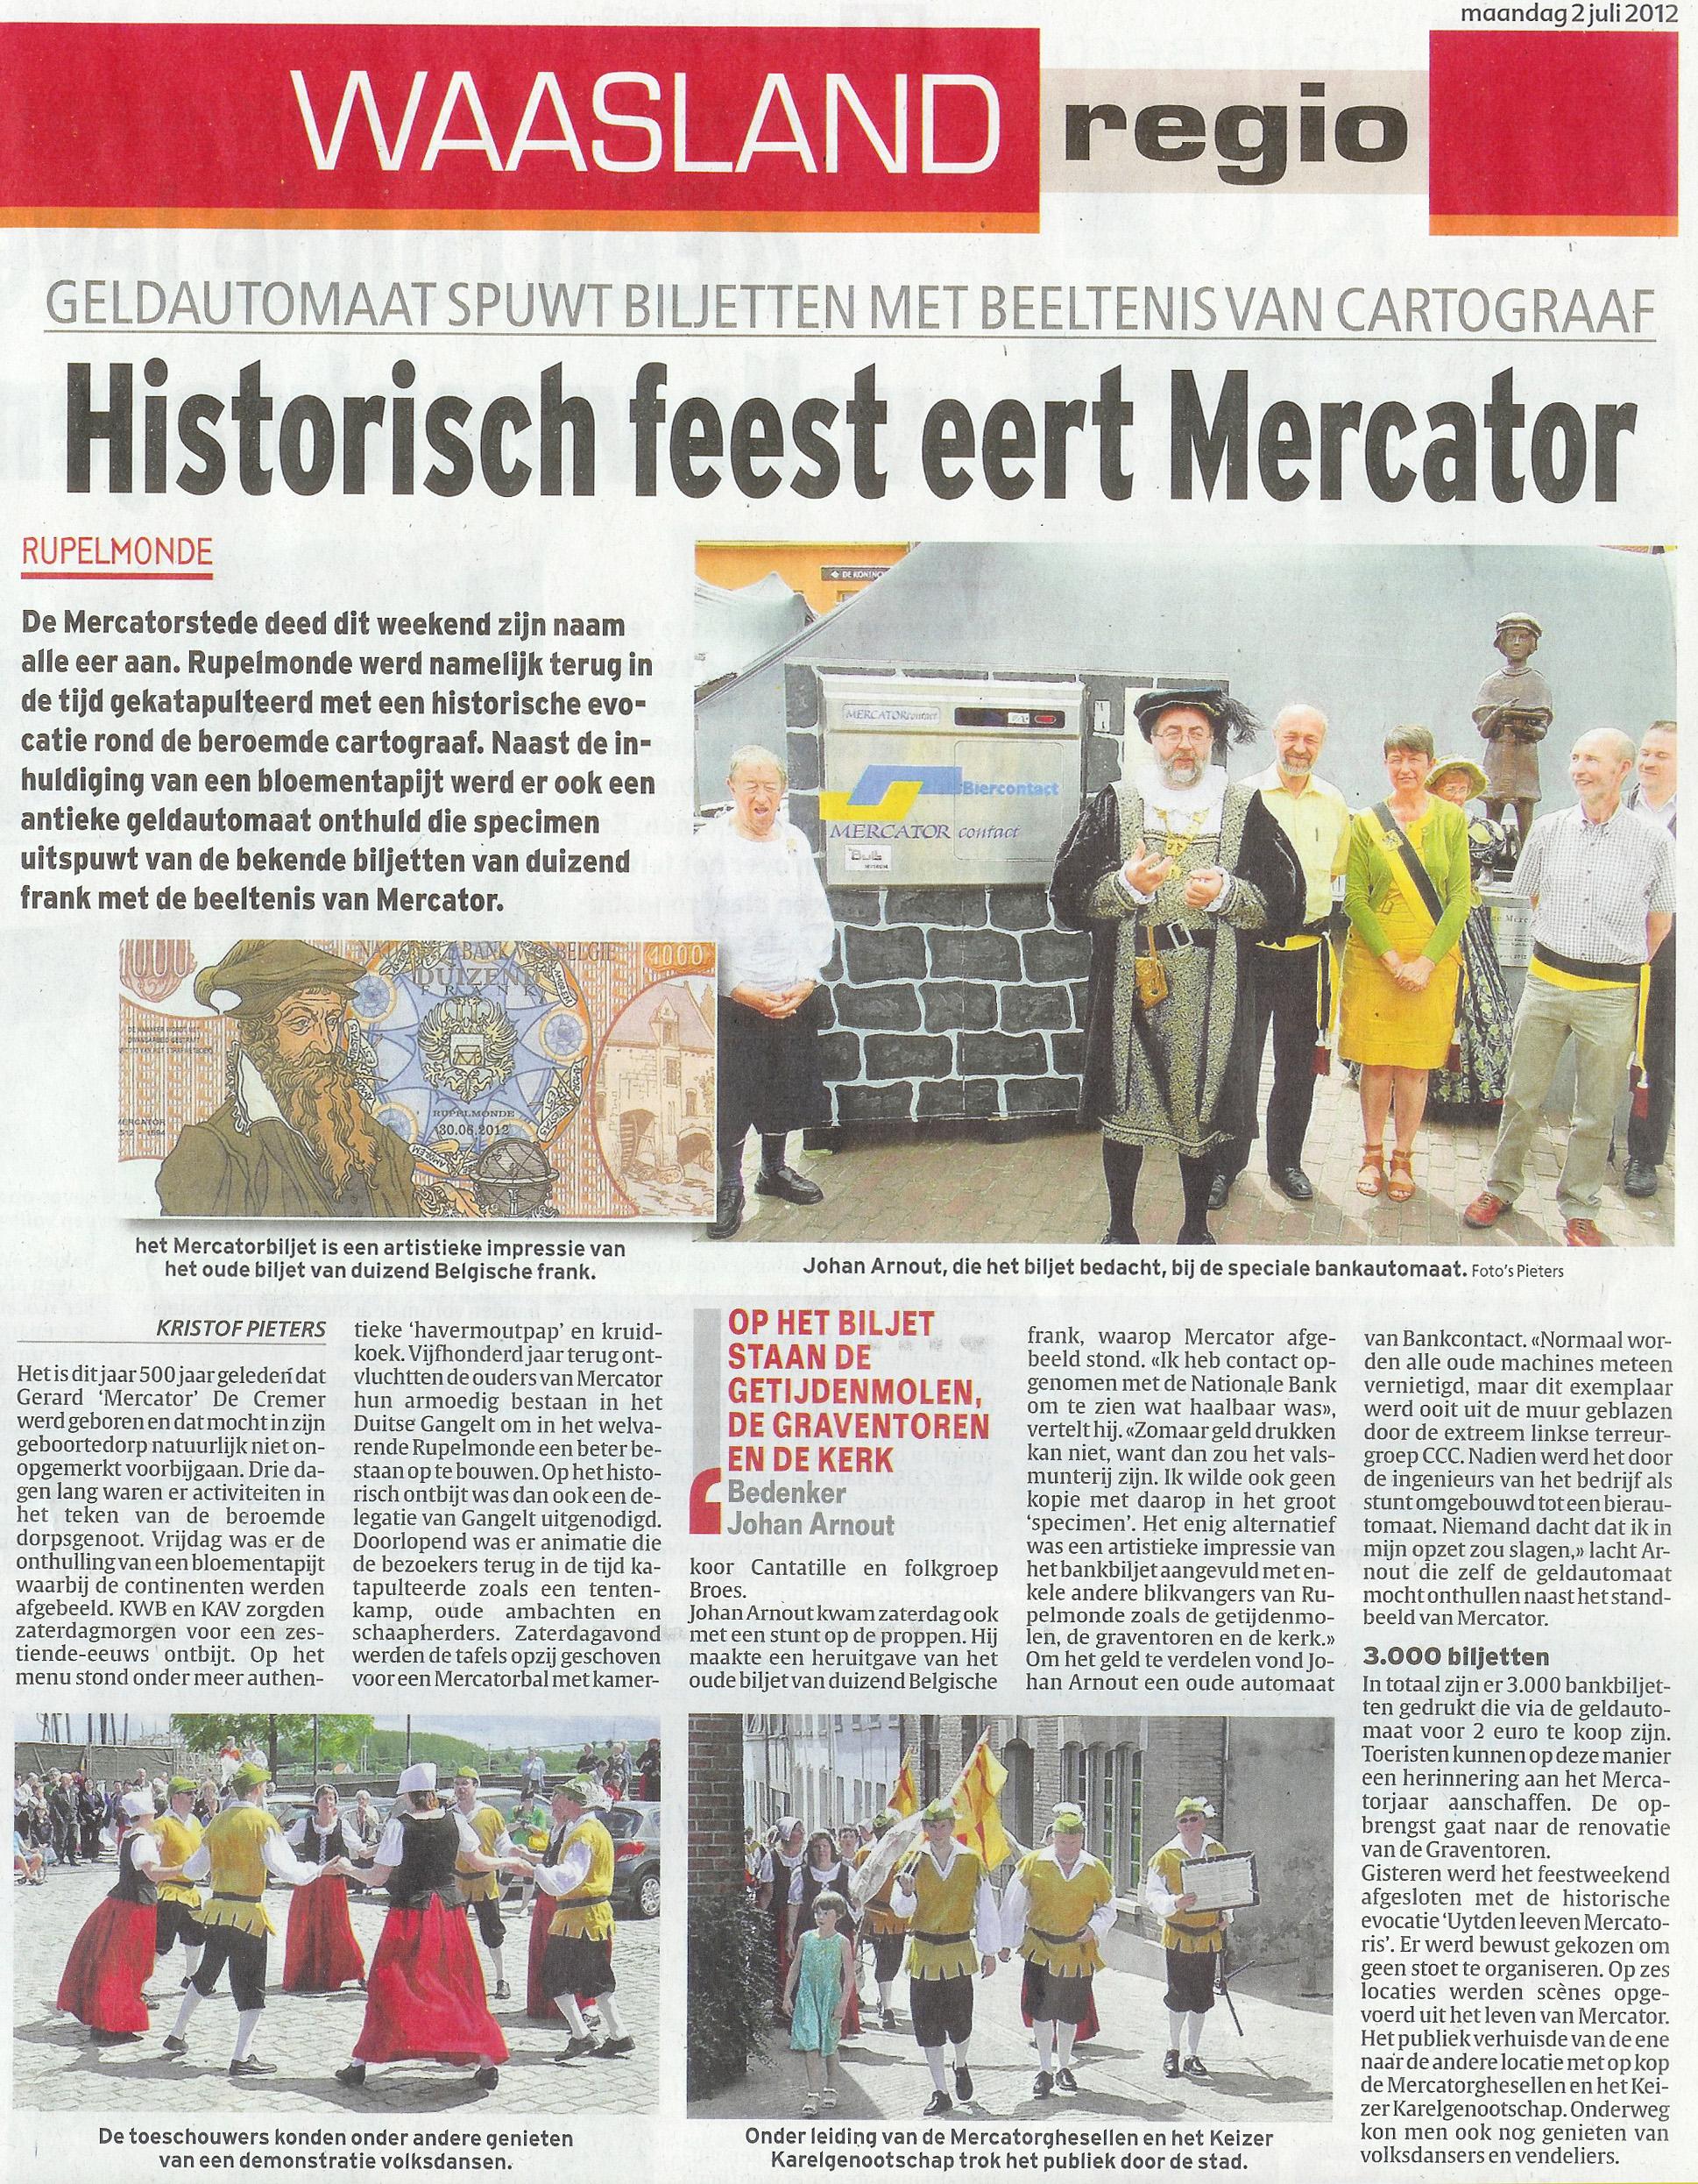 MERCATORcontact in Het Laatste Nieuws